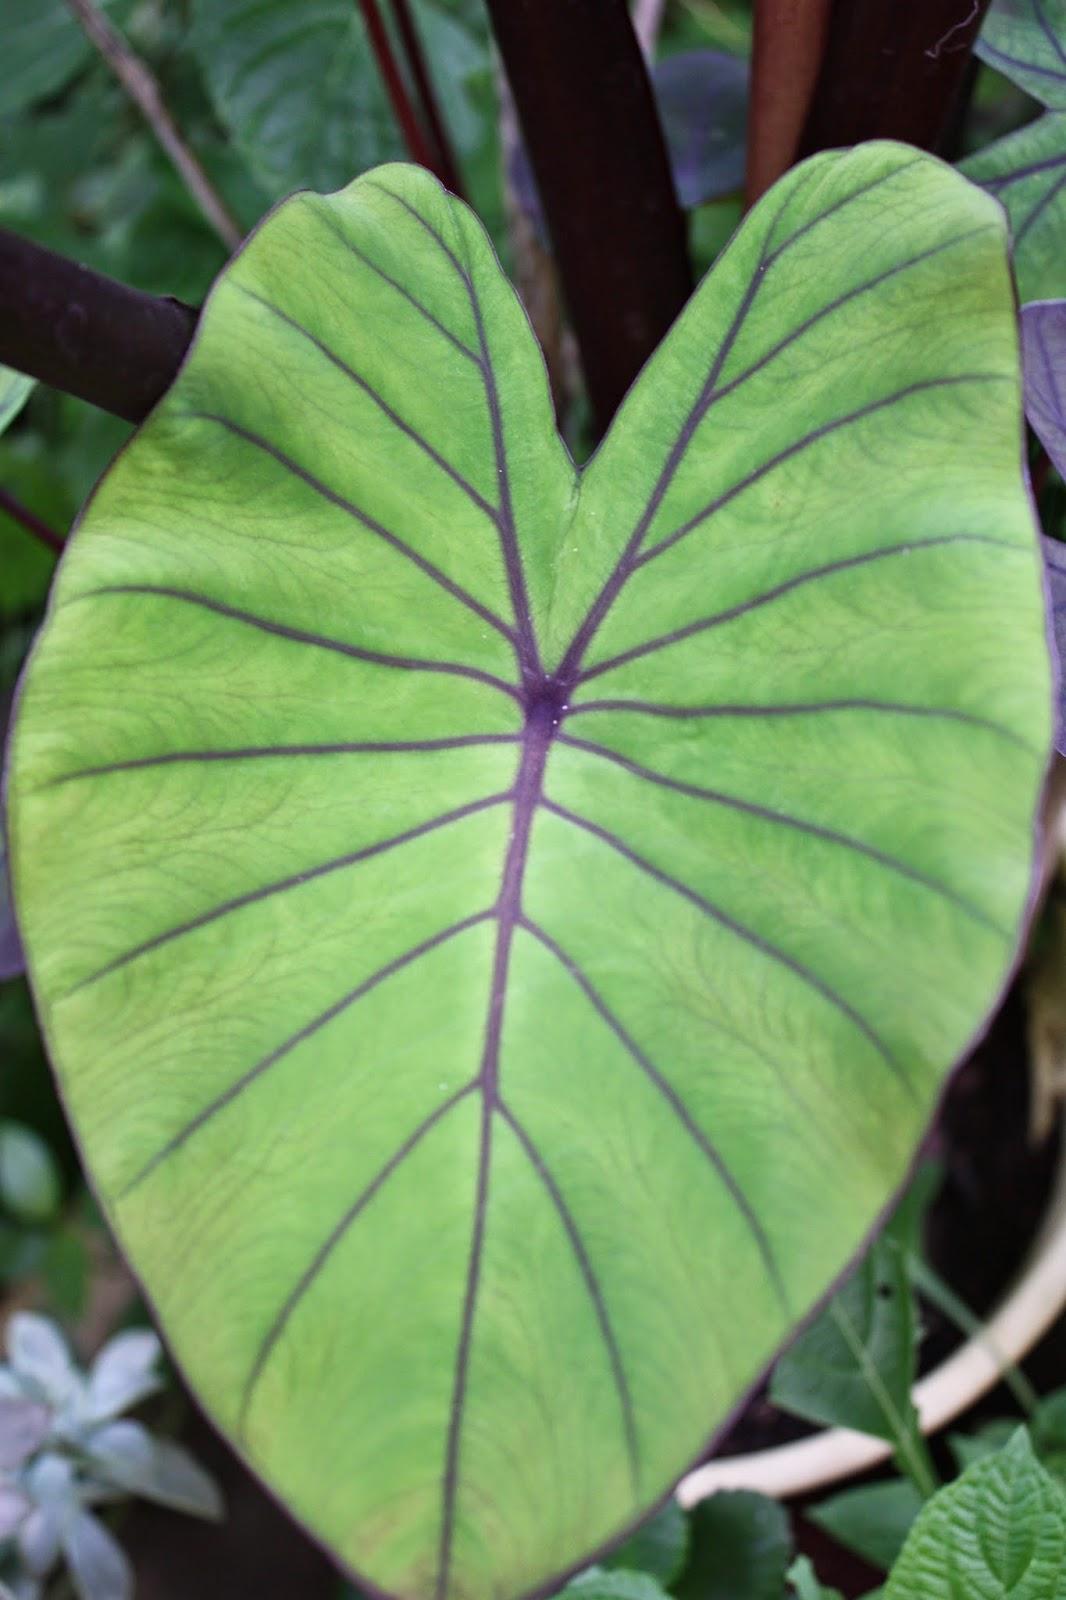 El vibrero ficha informativa de plantas comestibles for Planta ornamental oreja de elefante